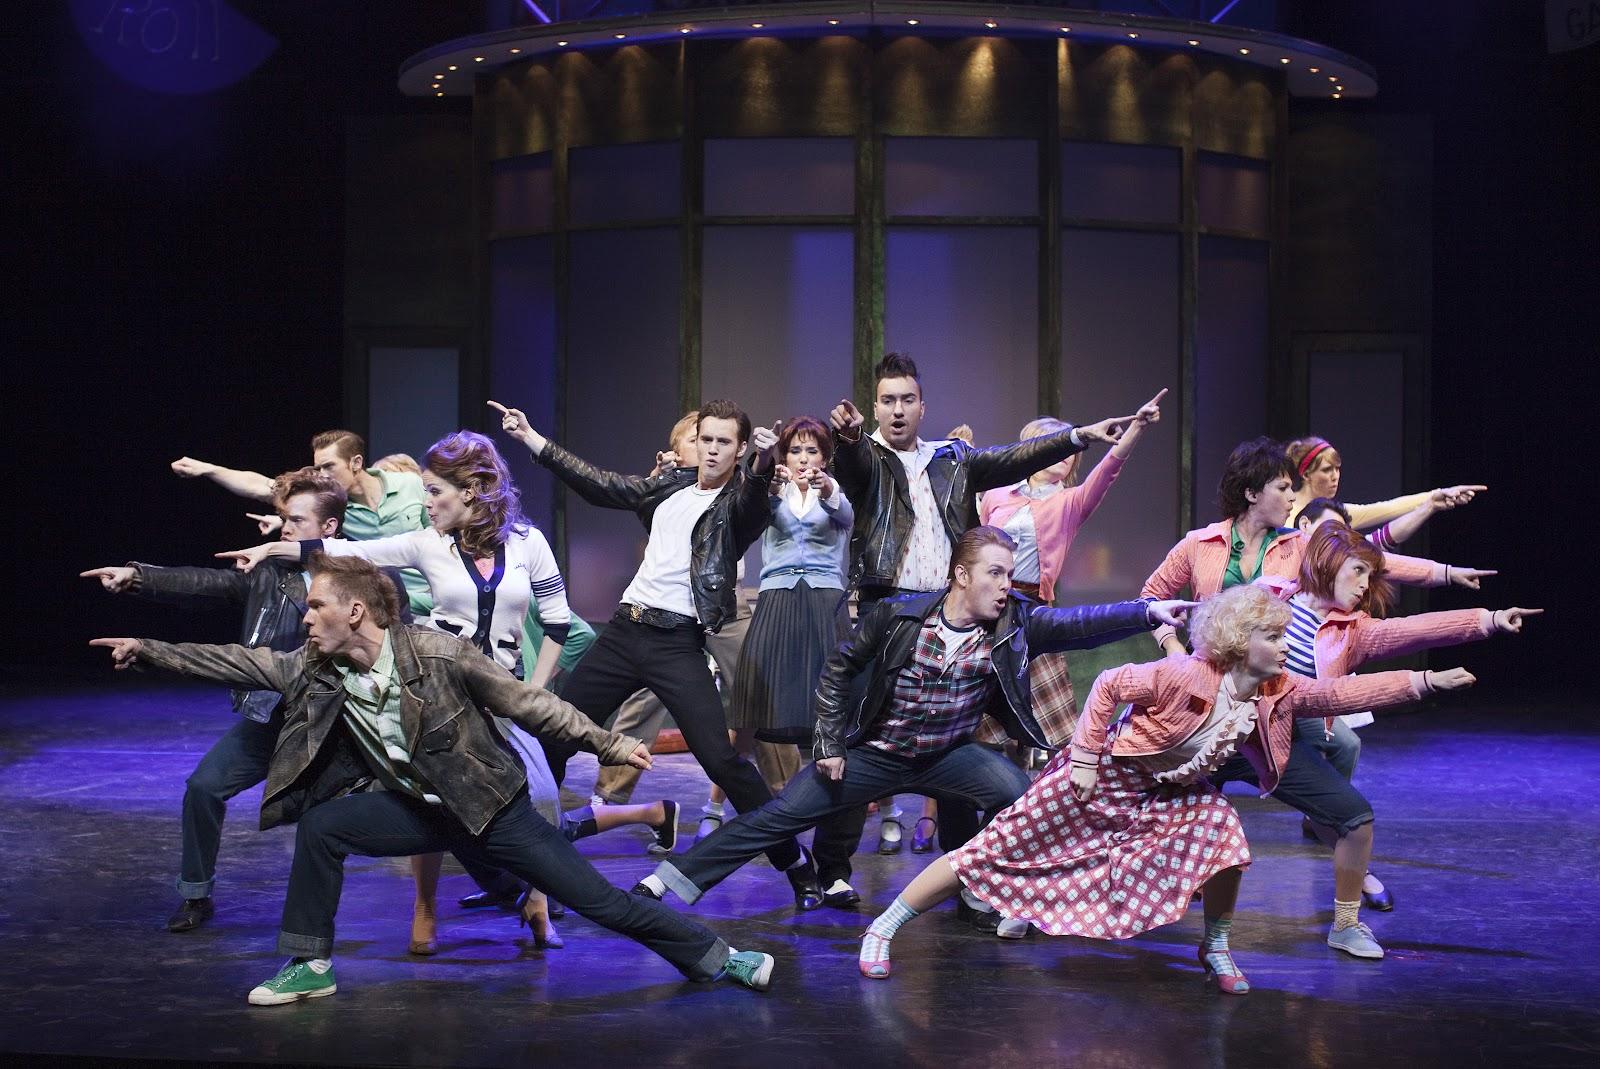 ccec3b76b8b Fredag den 24. februar er der premiere på musical nr to i Tivolis store  musicalsatsning. Grease is the word og nu er tiden så igen kommet til at  synge med ...